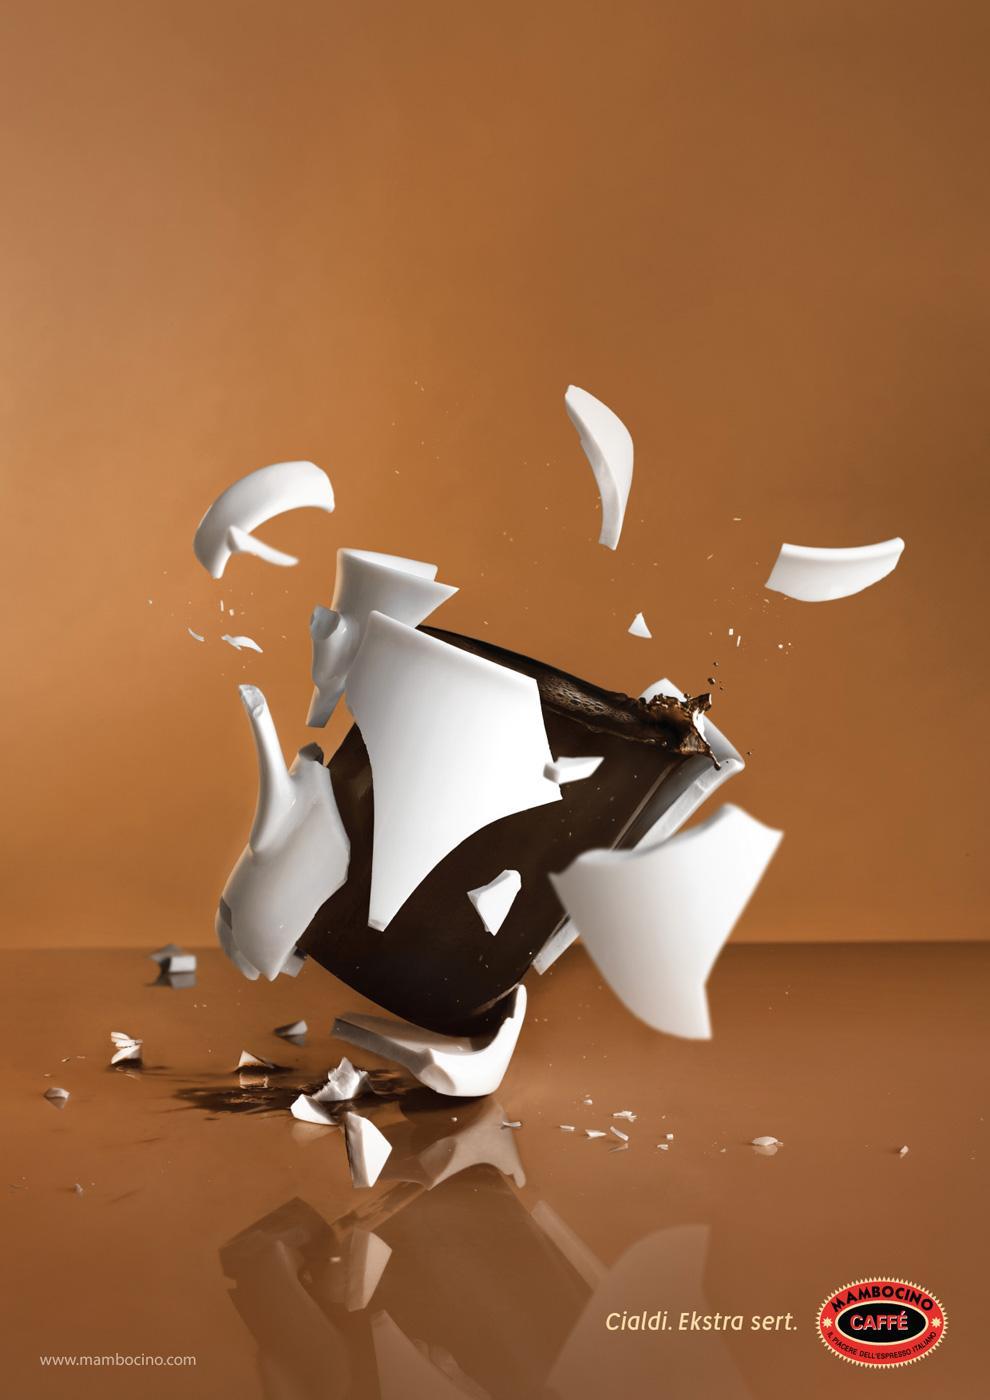 Mambocino Print Ad -  Mug